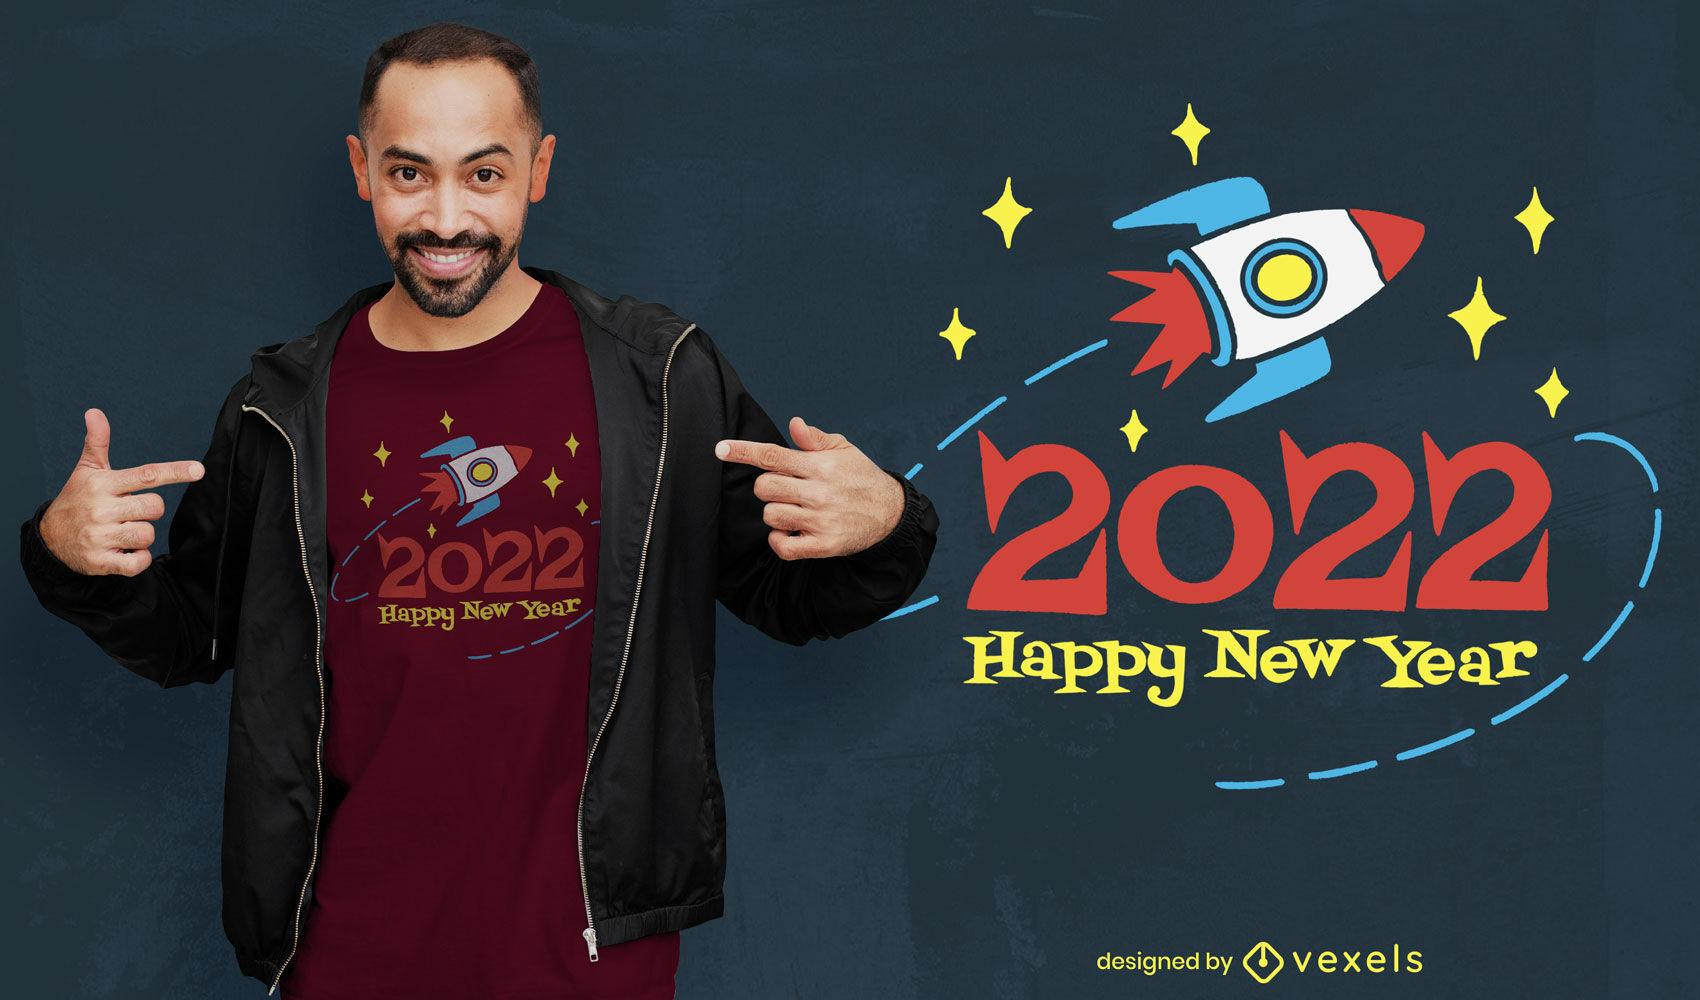 Diseño de camiseta de cohete feliz año nuevo 2022